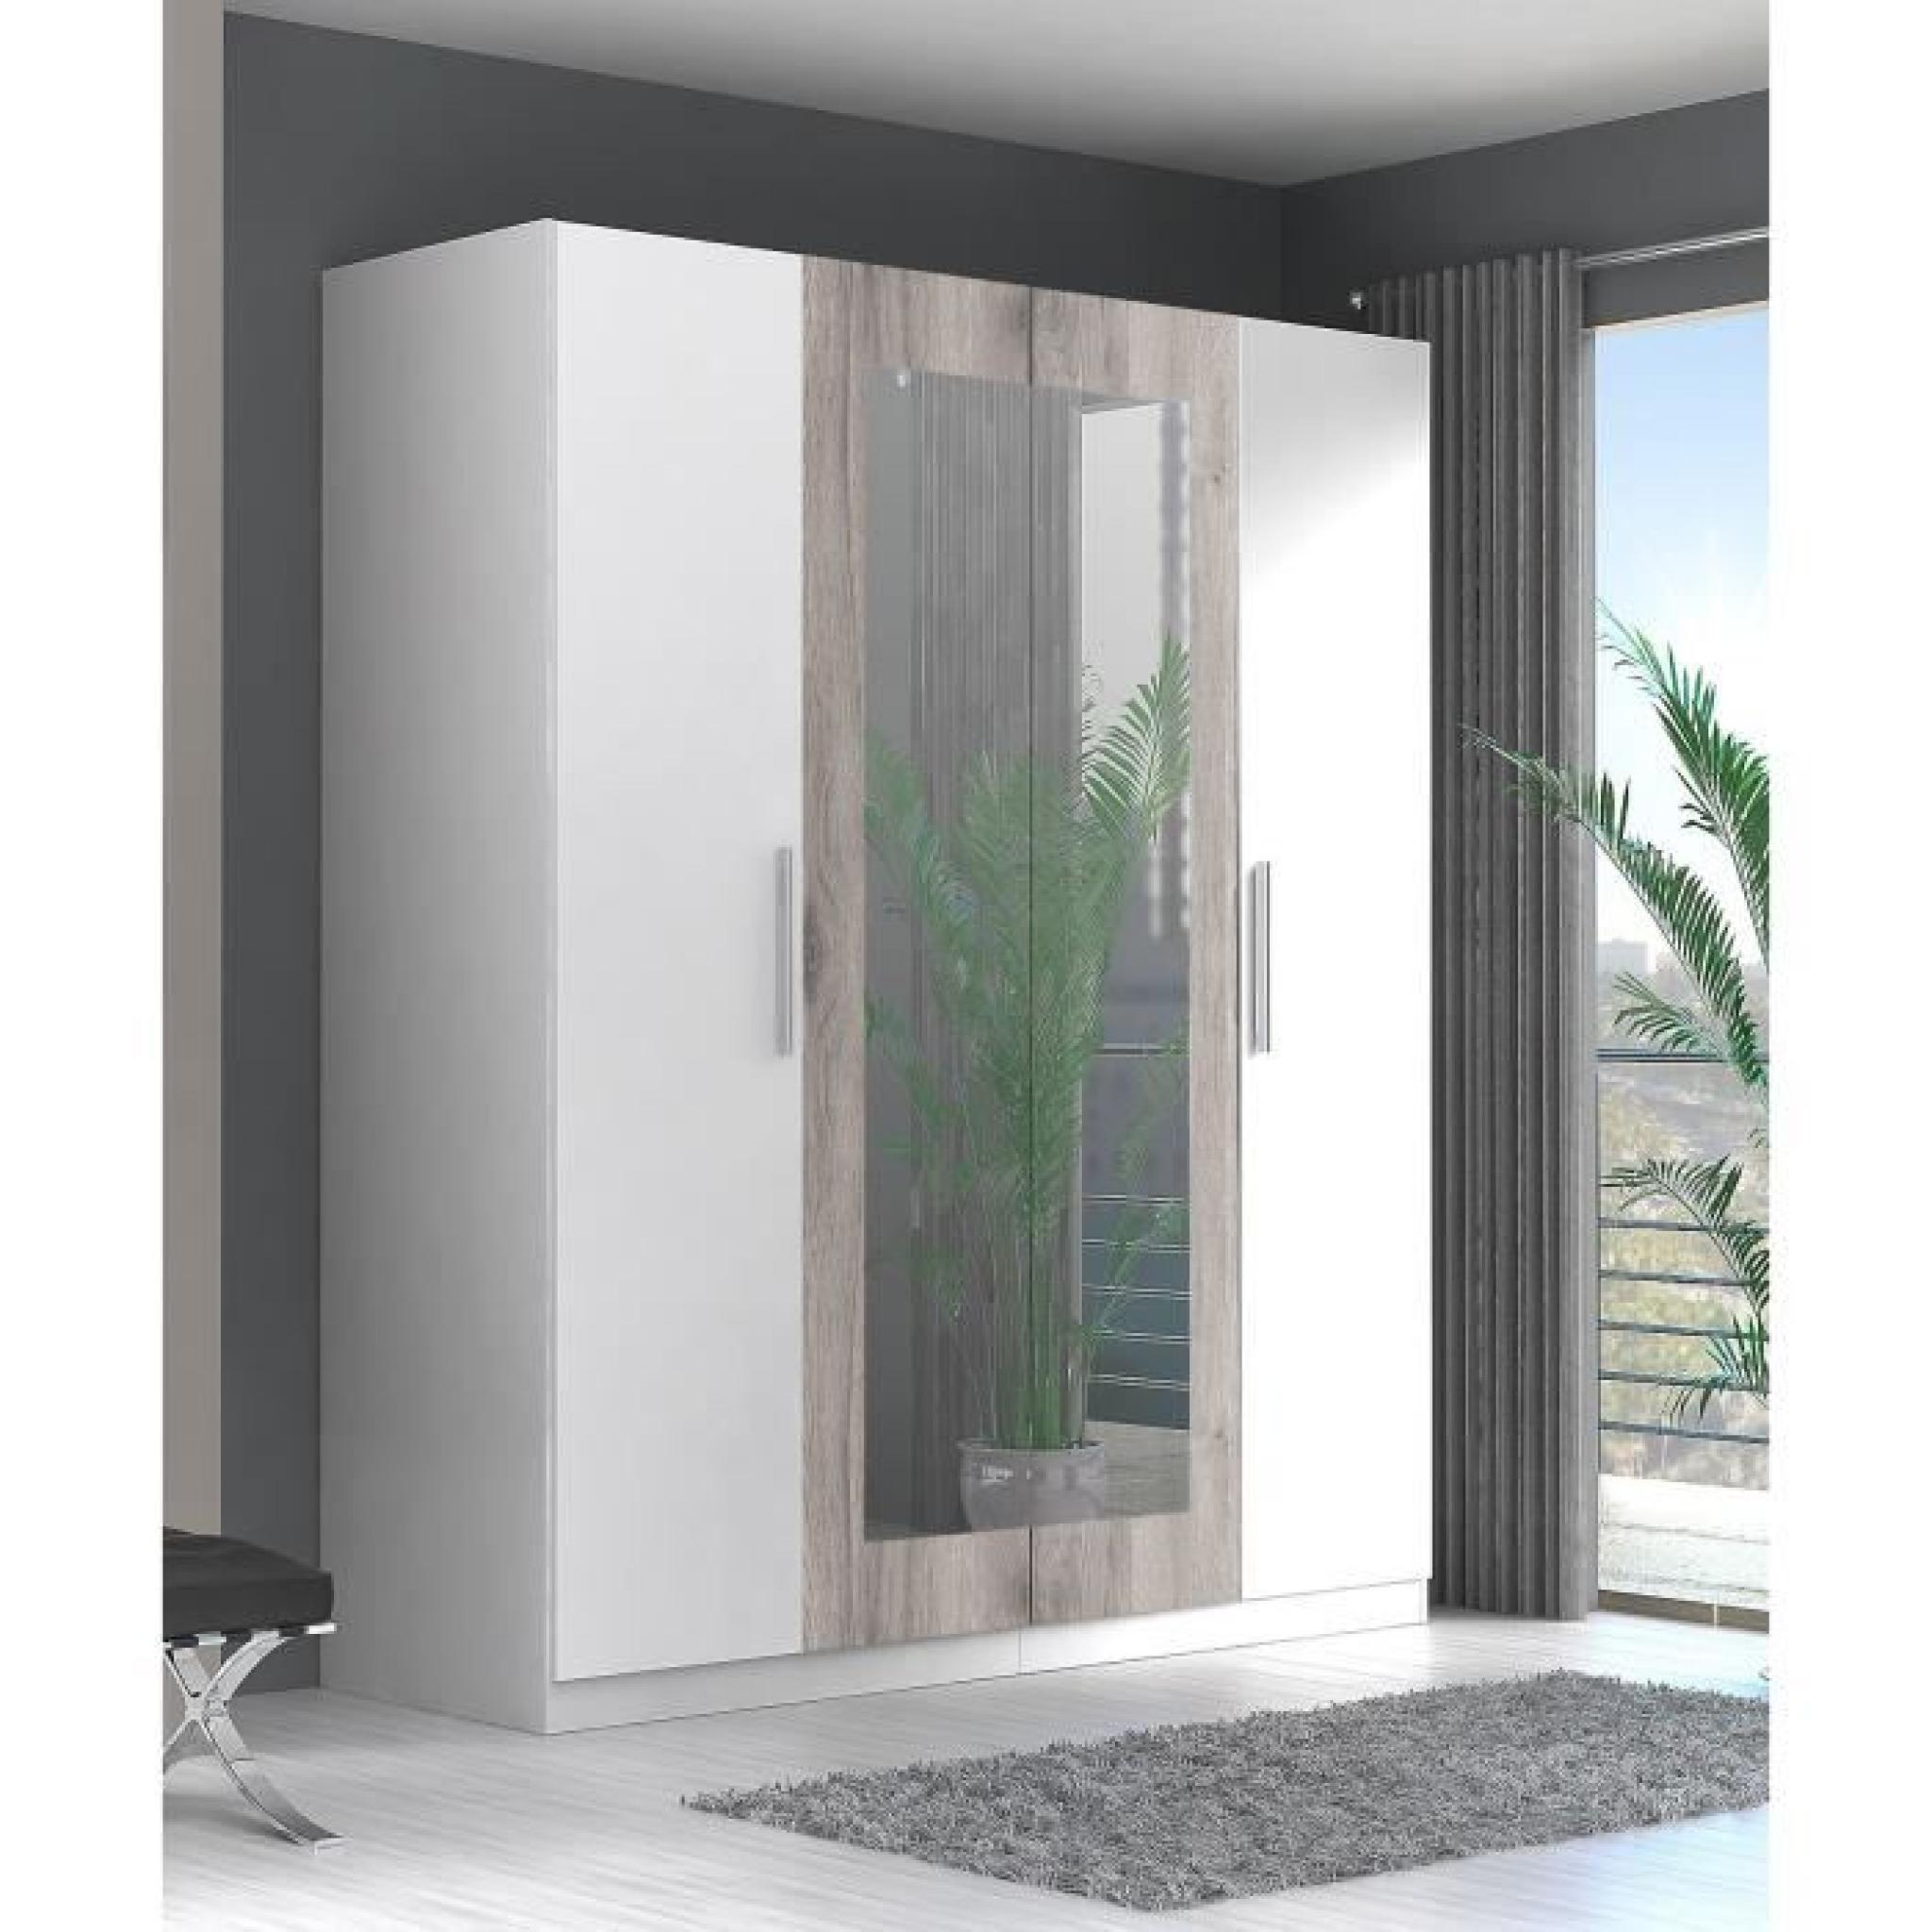 Finlandek armoire de chambre siisti 180 cm blanc et d cor ch ne sable achat vente armoire de - Armoire chambre adulte pas cher ...